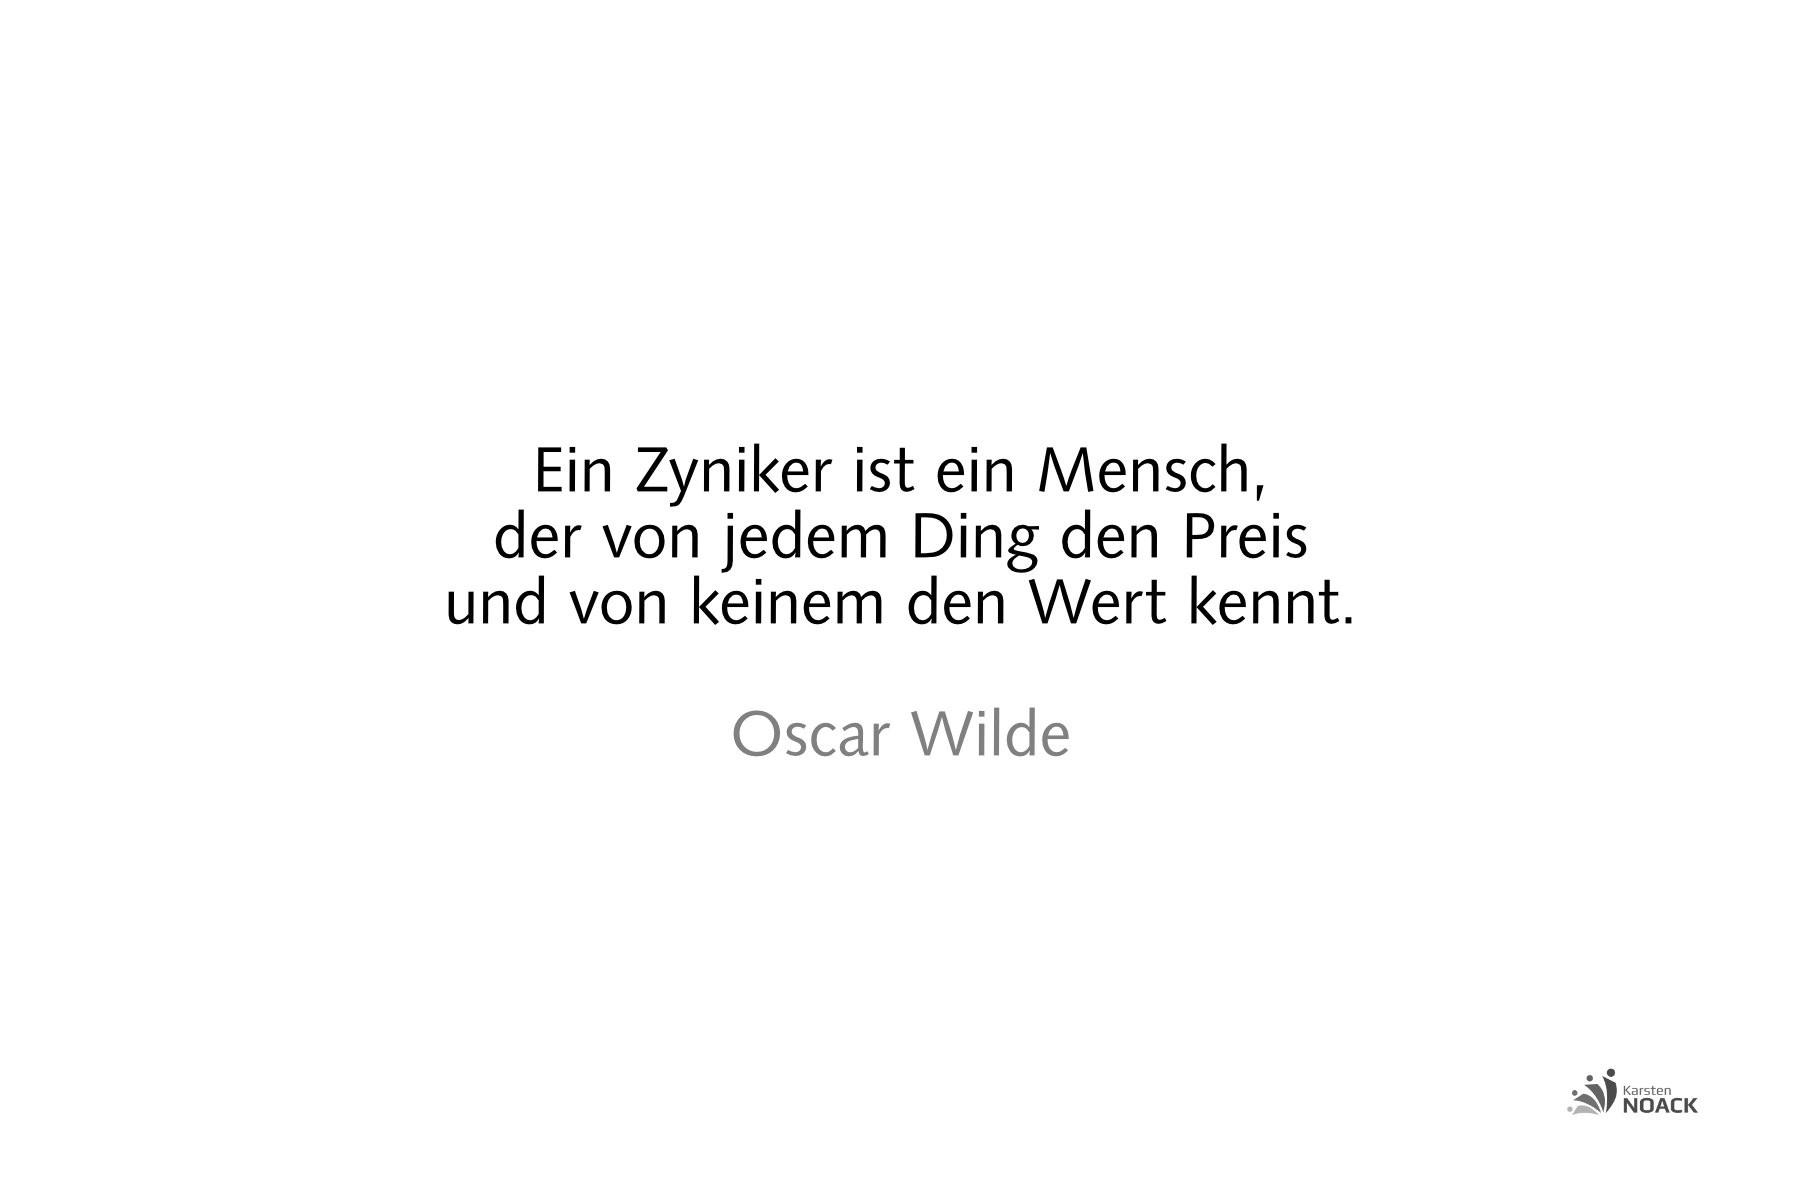 Ein Zyniker ist ein Mensch, der von jedem Ding den Preis und von keinem den Wert kennt. Oscar Wilde